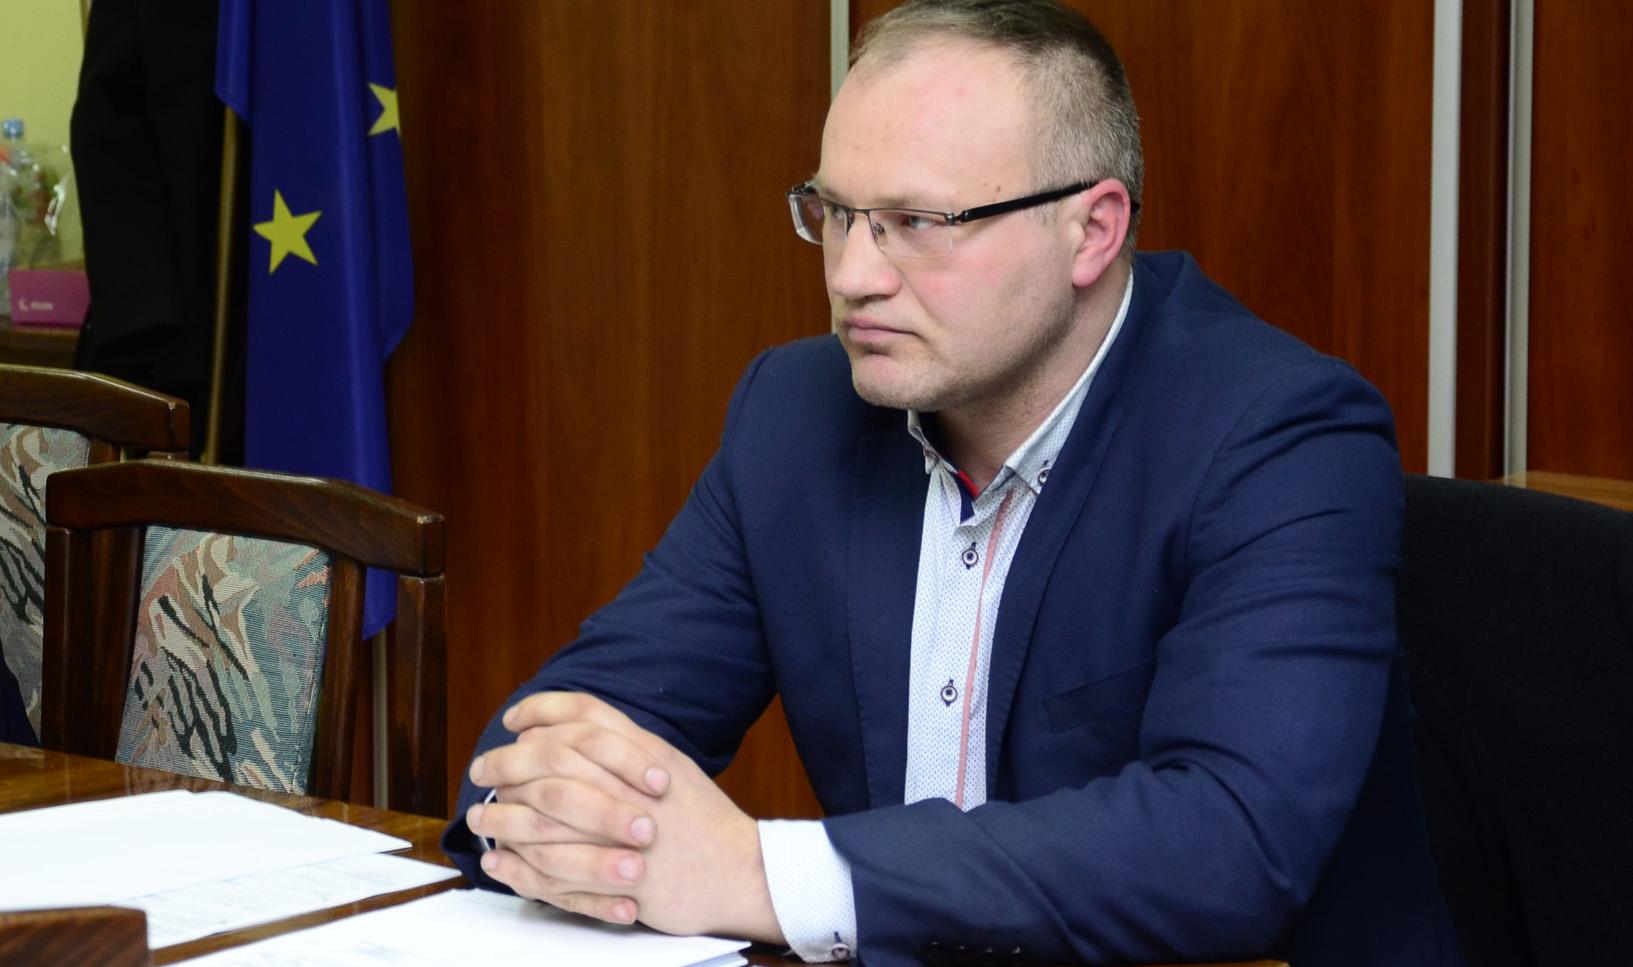 Raniżów. Sobolewski na stołku dyrektora bez konkursu. Tak chciał wójt Grądziel - Zdjęcie główne